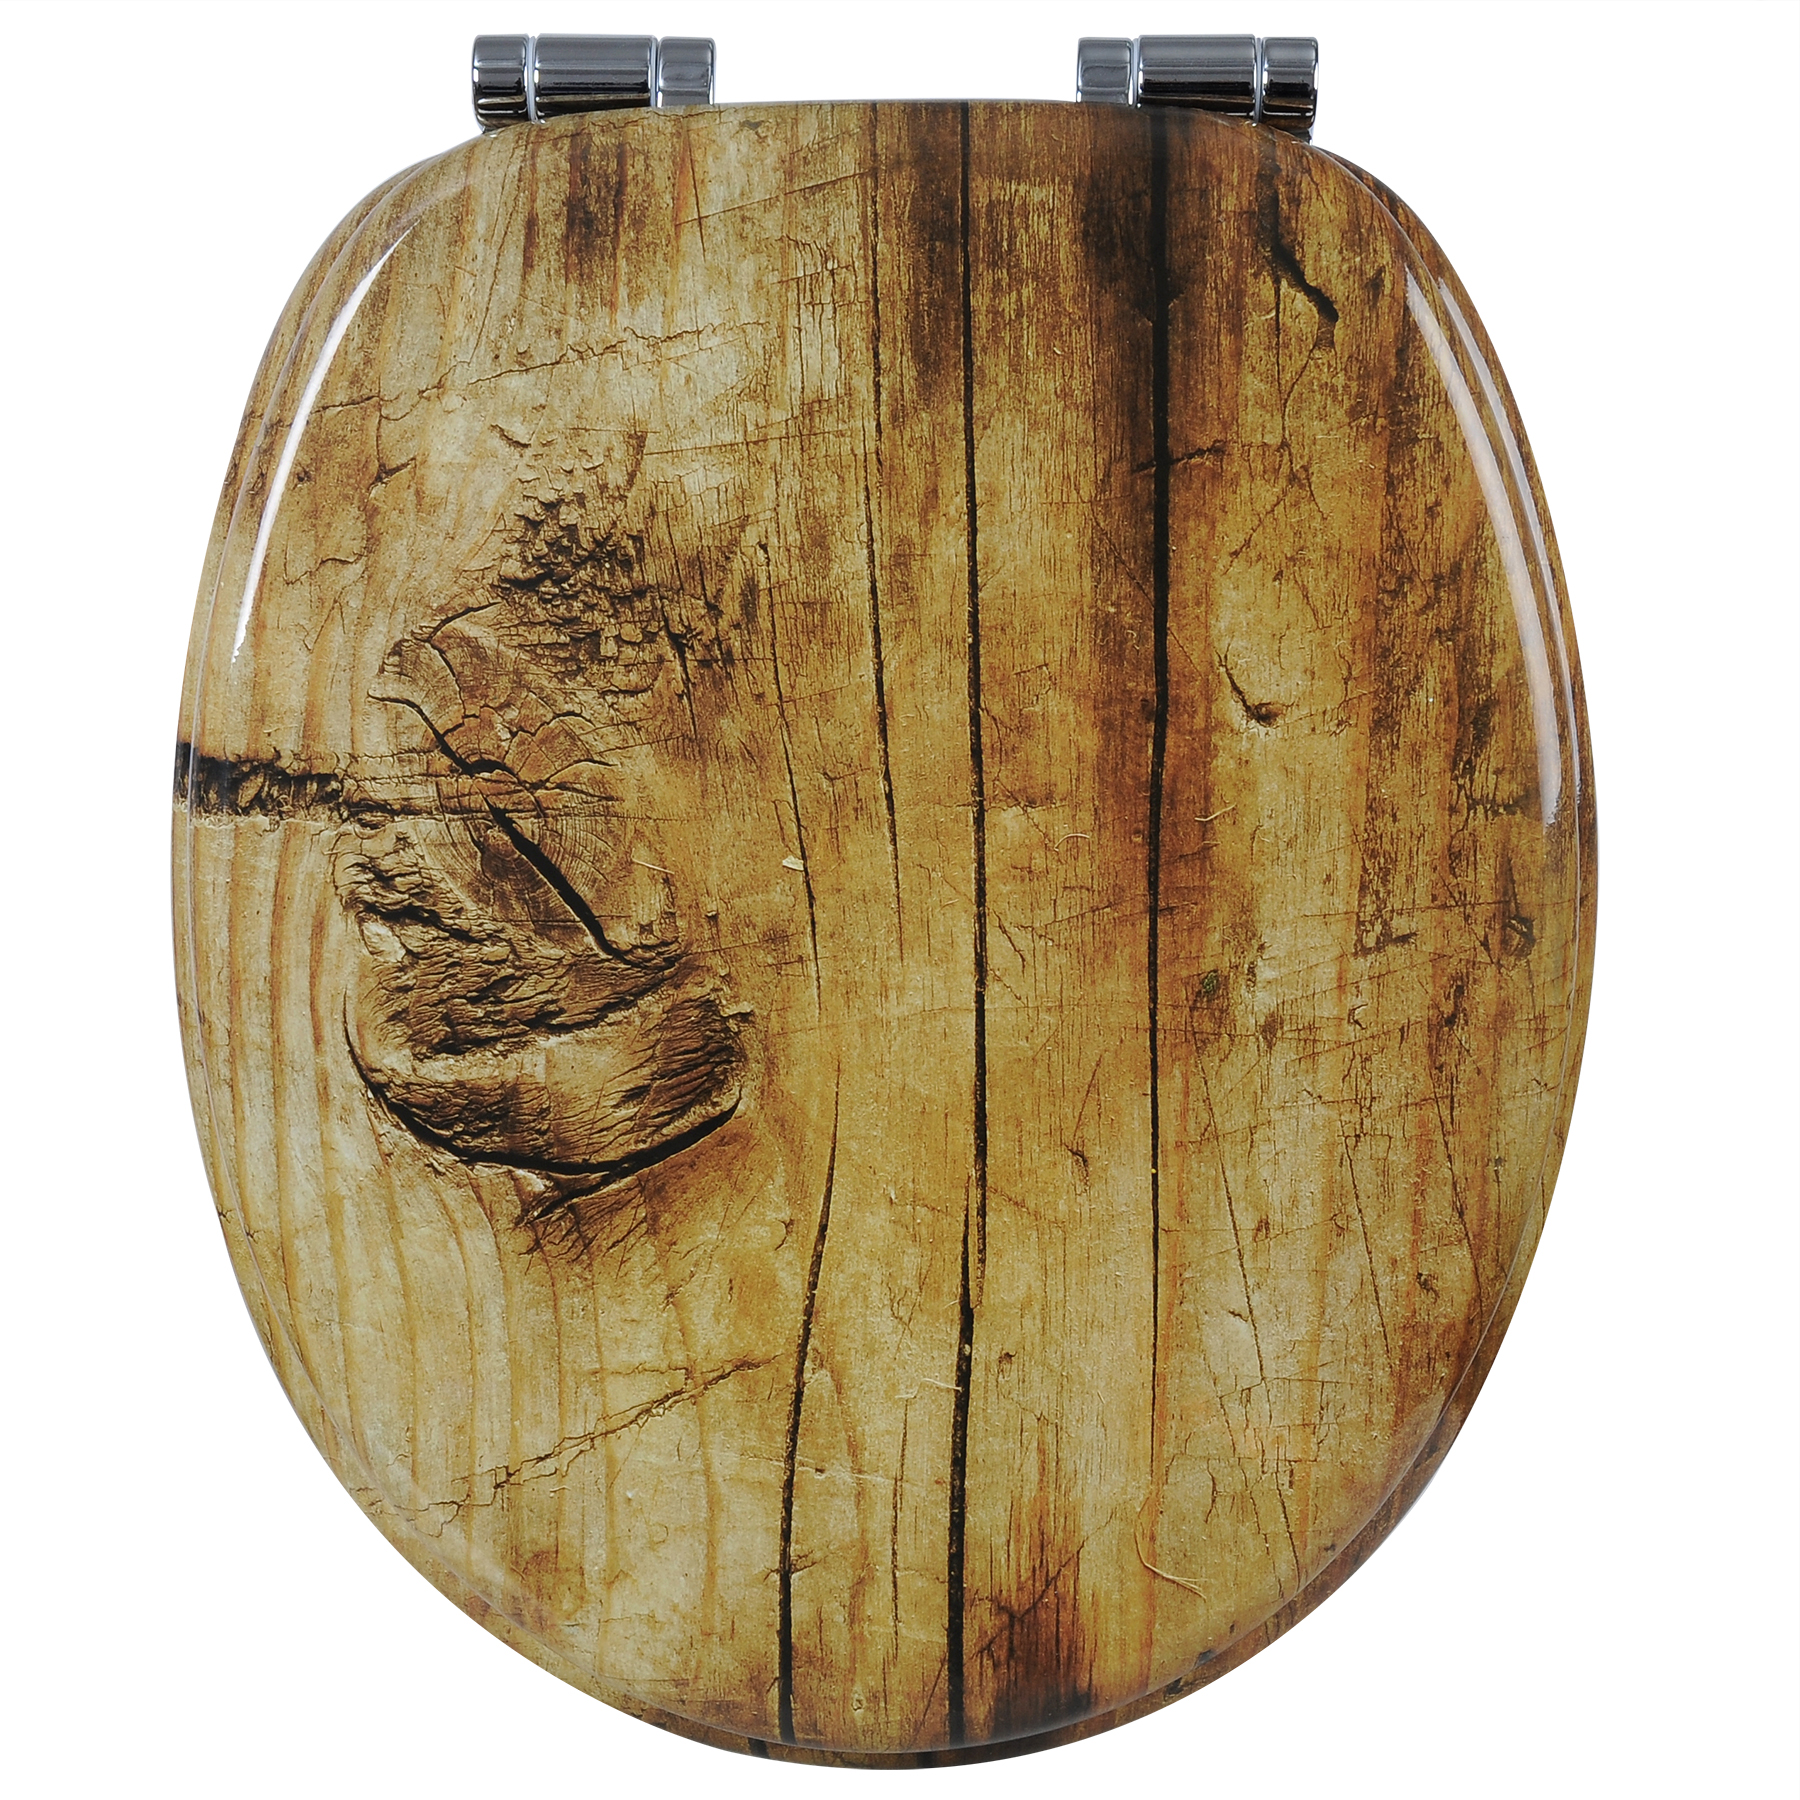 wc sitz toilettensitz klodeckel mit absenkautomatik mdf klobrille deckel e046 ebay. Black Bedroom Furniture Sets. Home Design Ideas